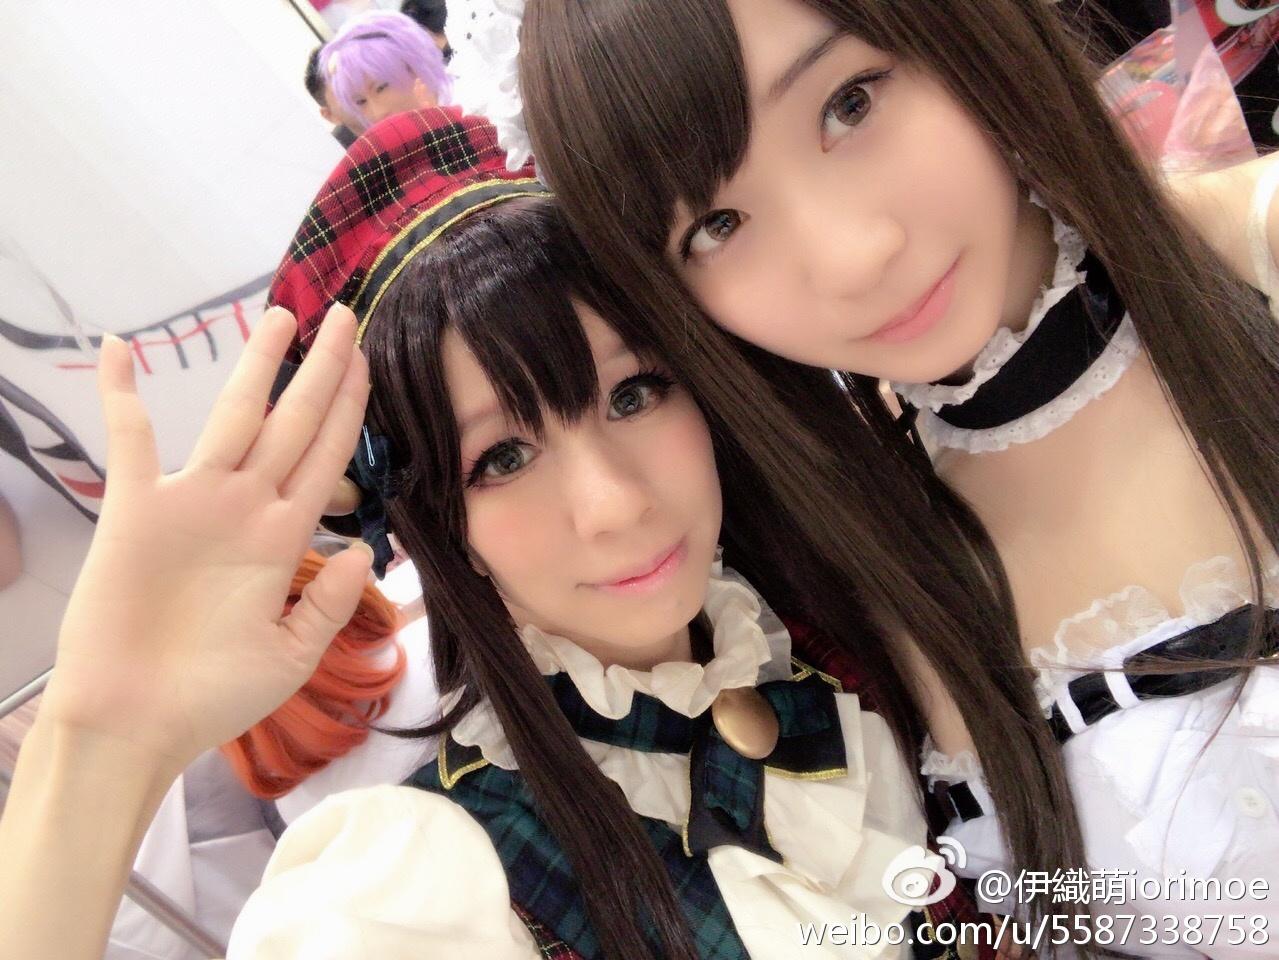 伊織萌iorimoe每次都很感谢在台湾的朋友巧克酱(第一张)_美女福利图片